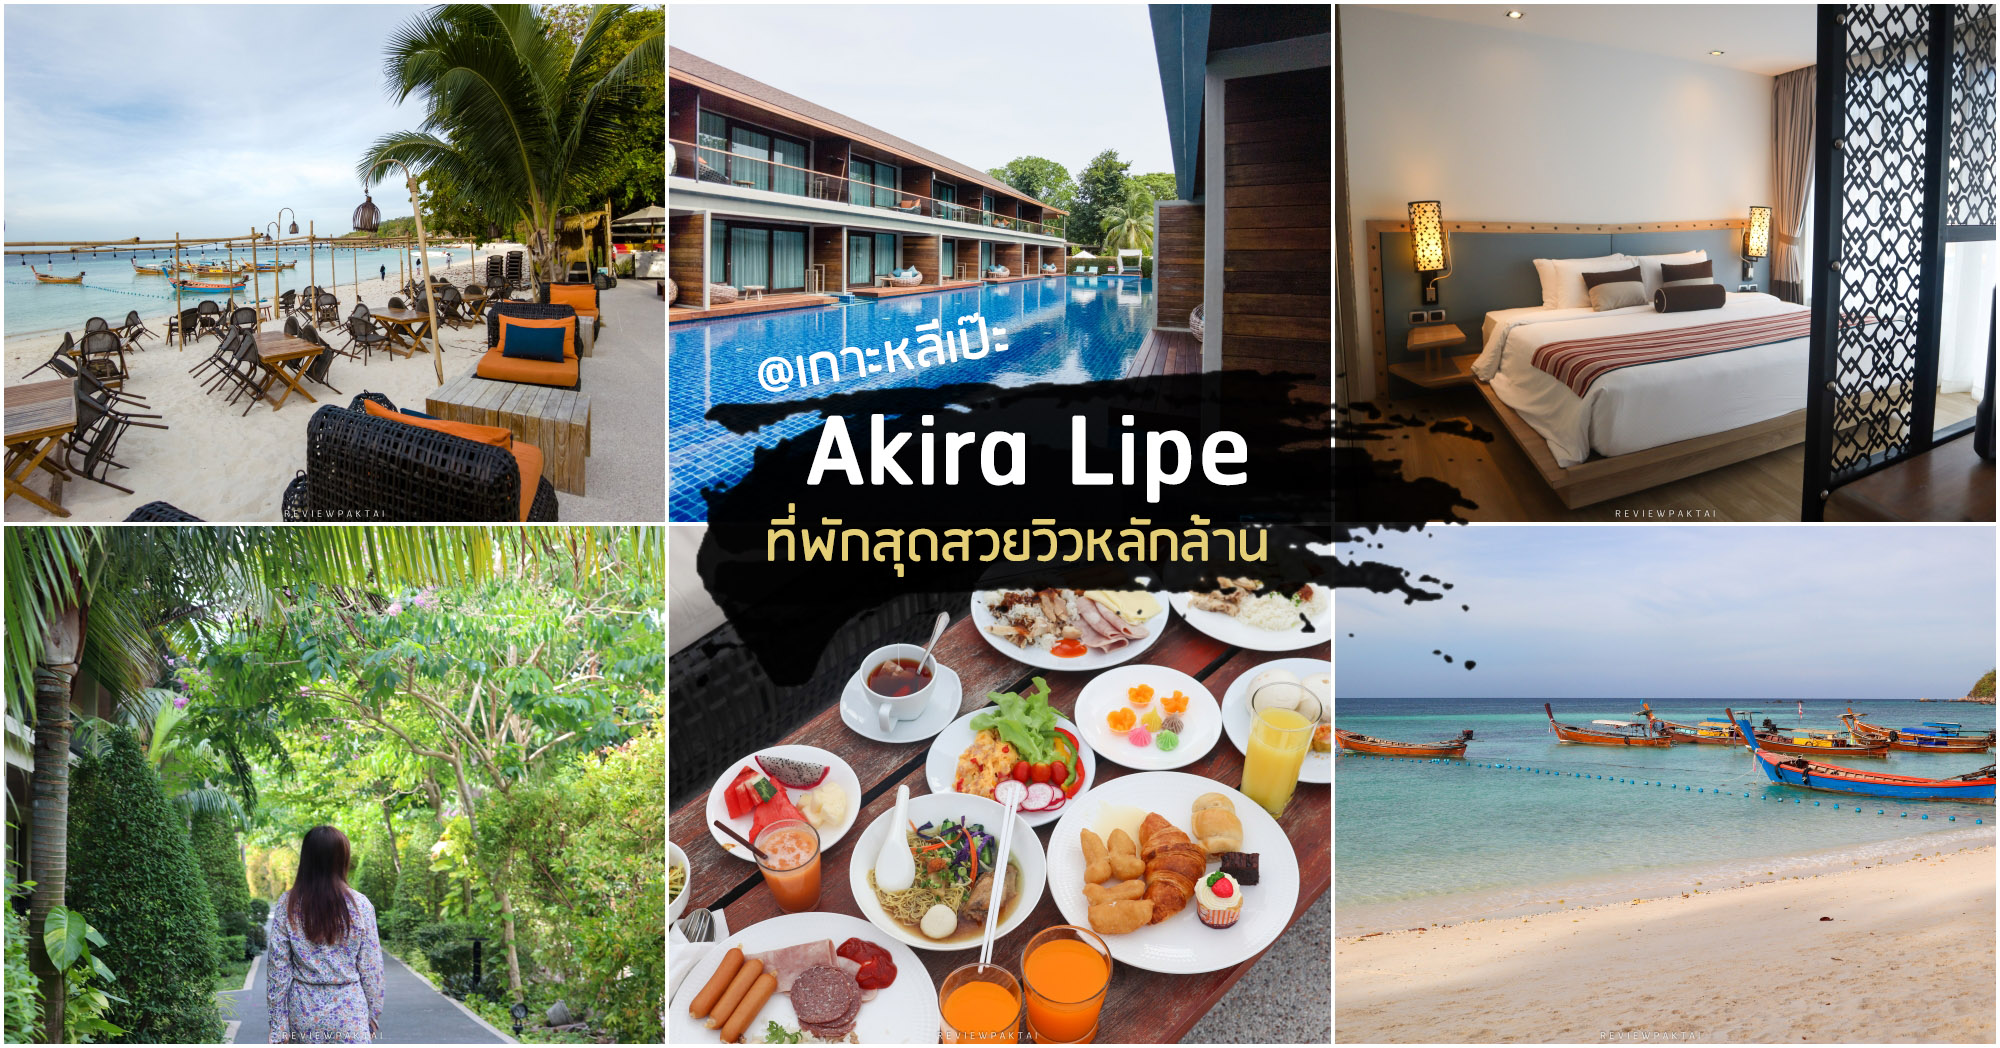 Akira หลีเป๊ะ ที่พักสุดหรูกลางป่าริมทะเลบนเกาะ บอกเลยสุดสวยปัง สระว่ายน้ำติดหาดฟินๆ ต้องมาเช็คอินให้ได้